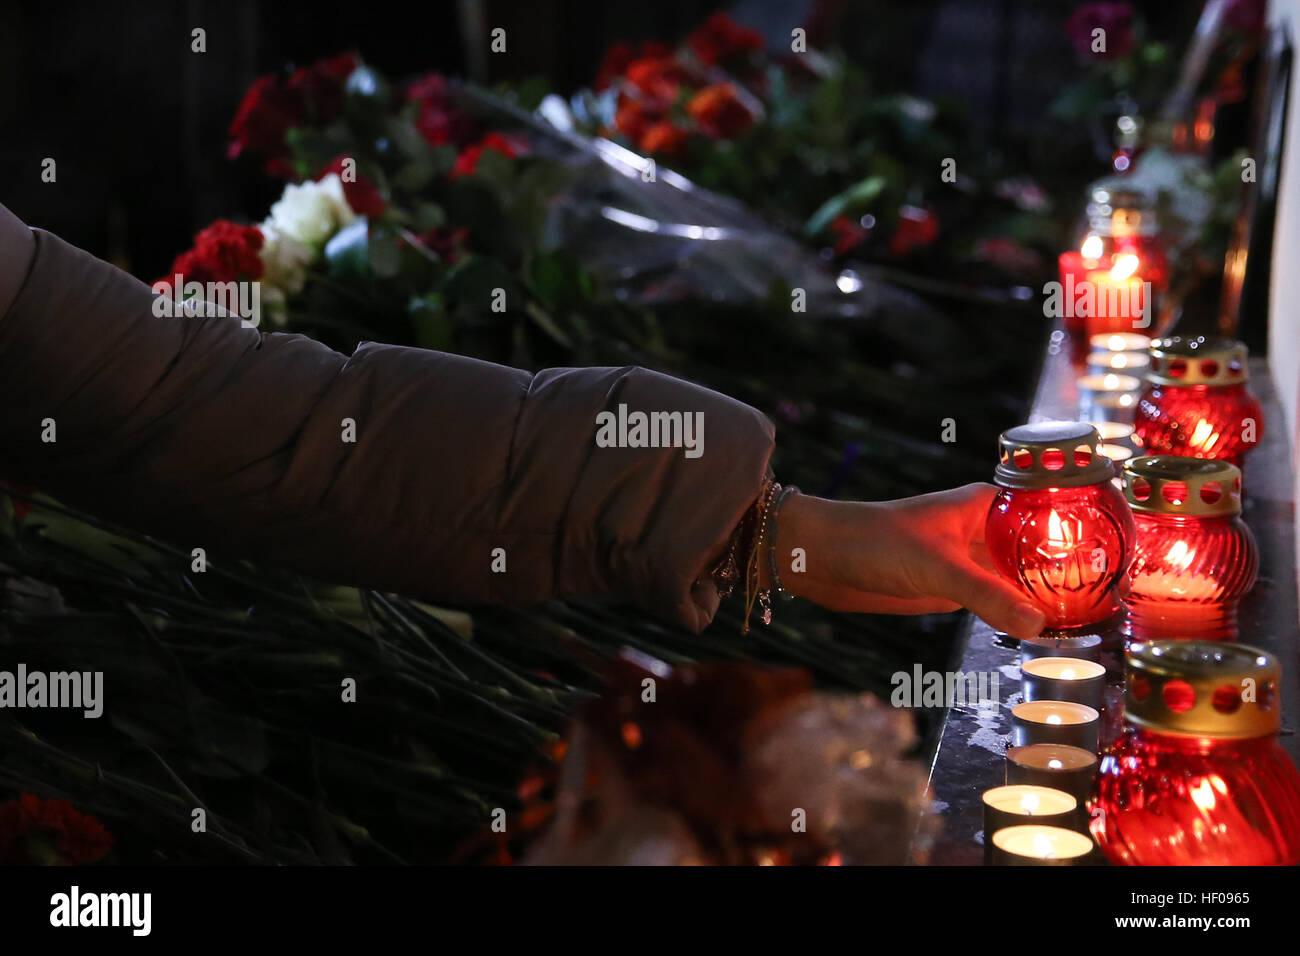 Moskau, Russland. 25. Dezember 2016. Menschen liegt Kerzen in der Nähe von Alexandrov Hall, einem Proberaum Stockbild